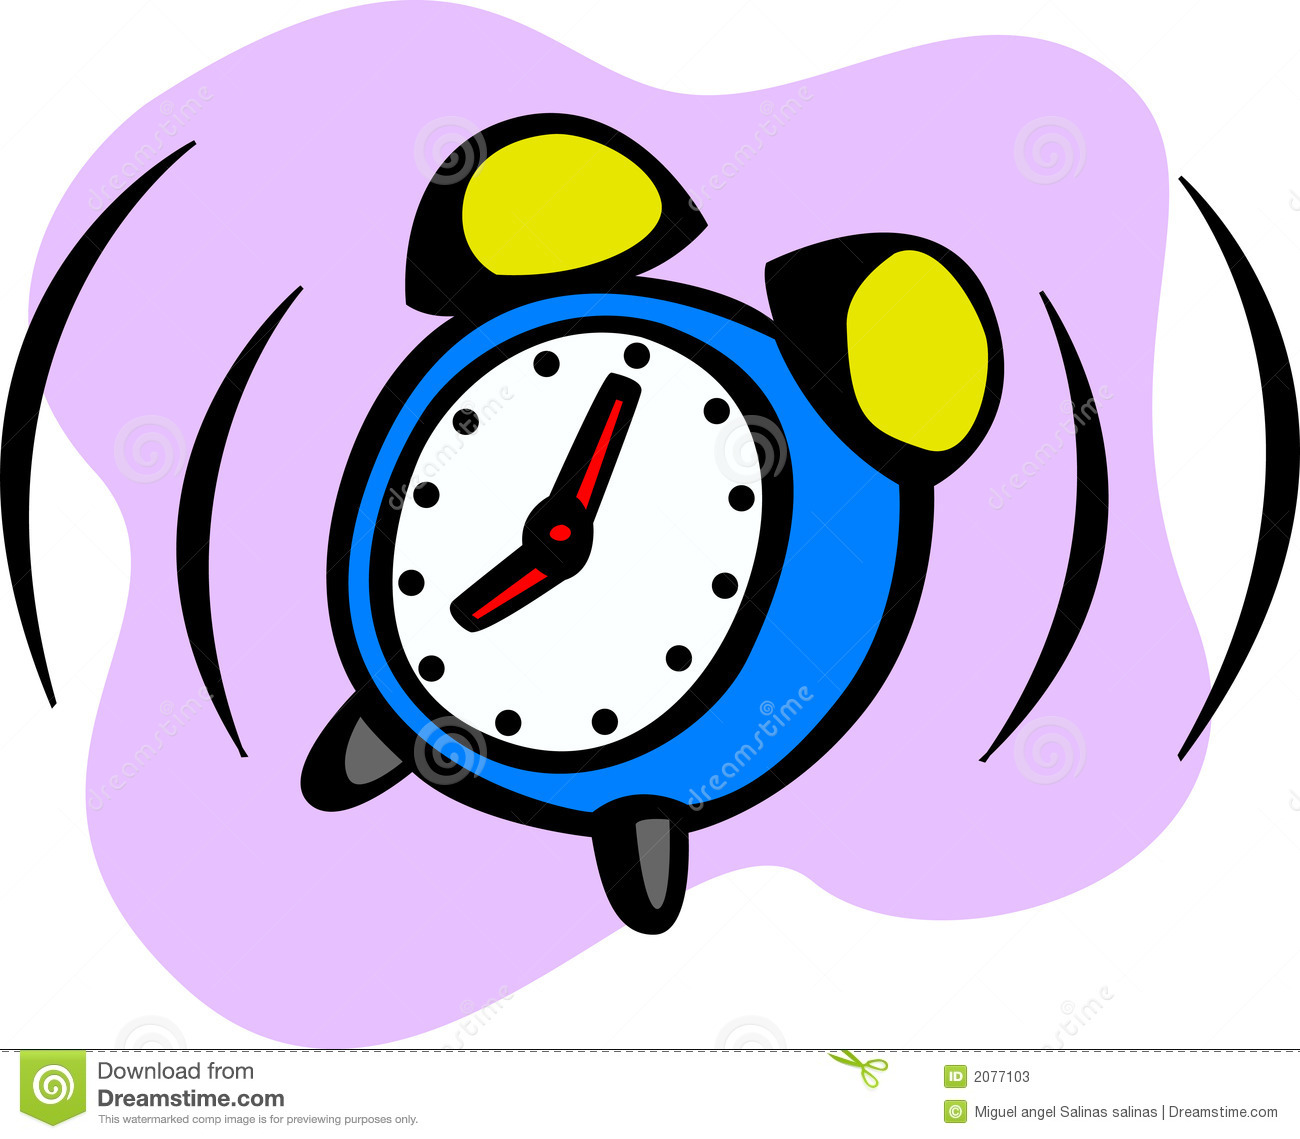 clock clipart u0026middot; alarm clipart